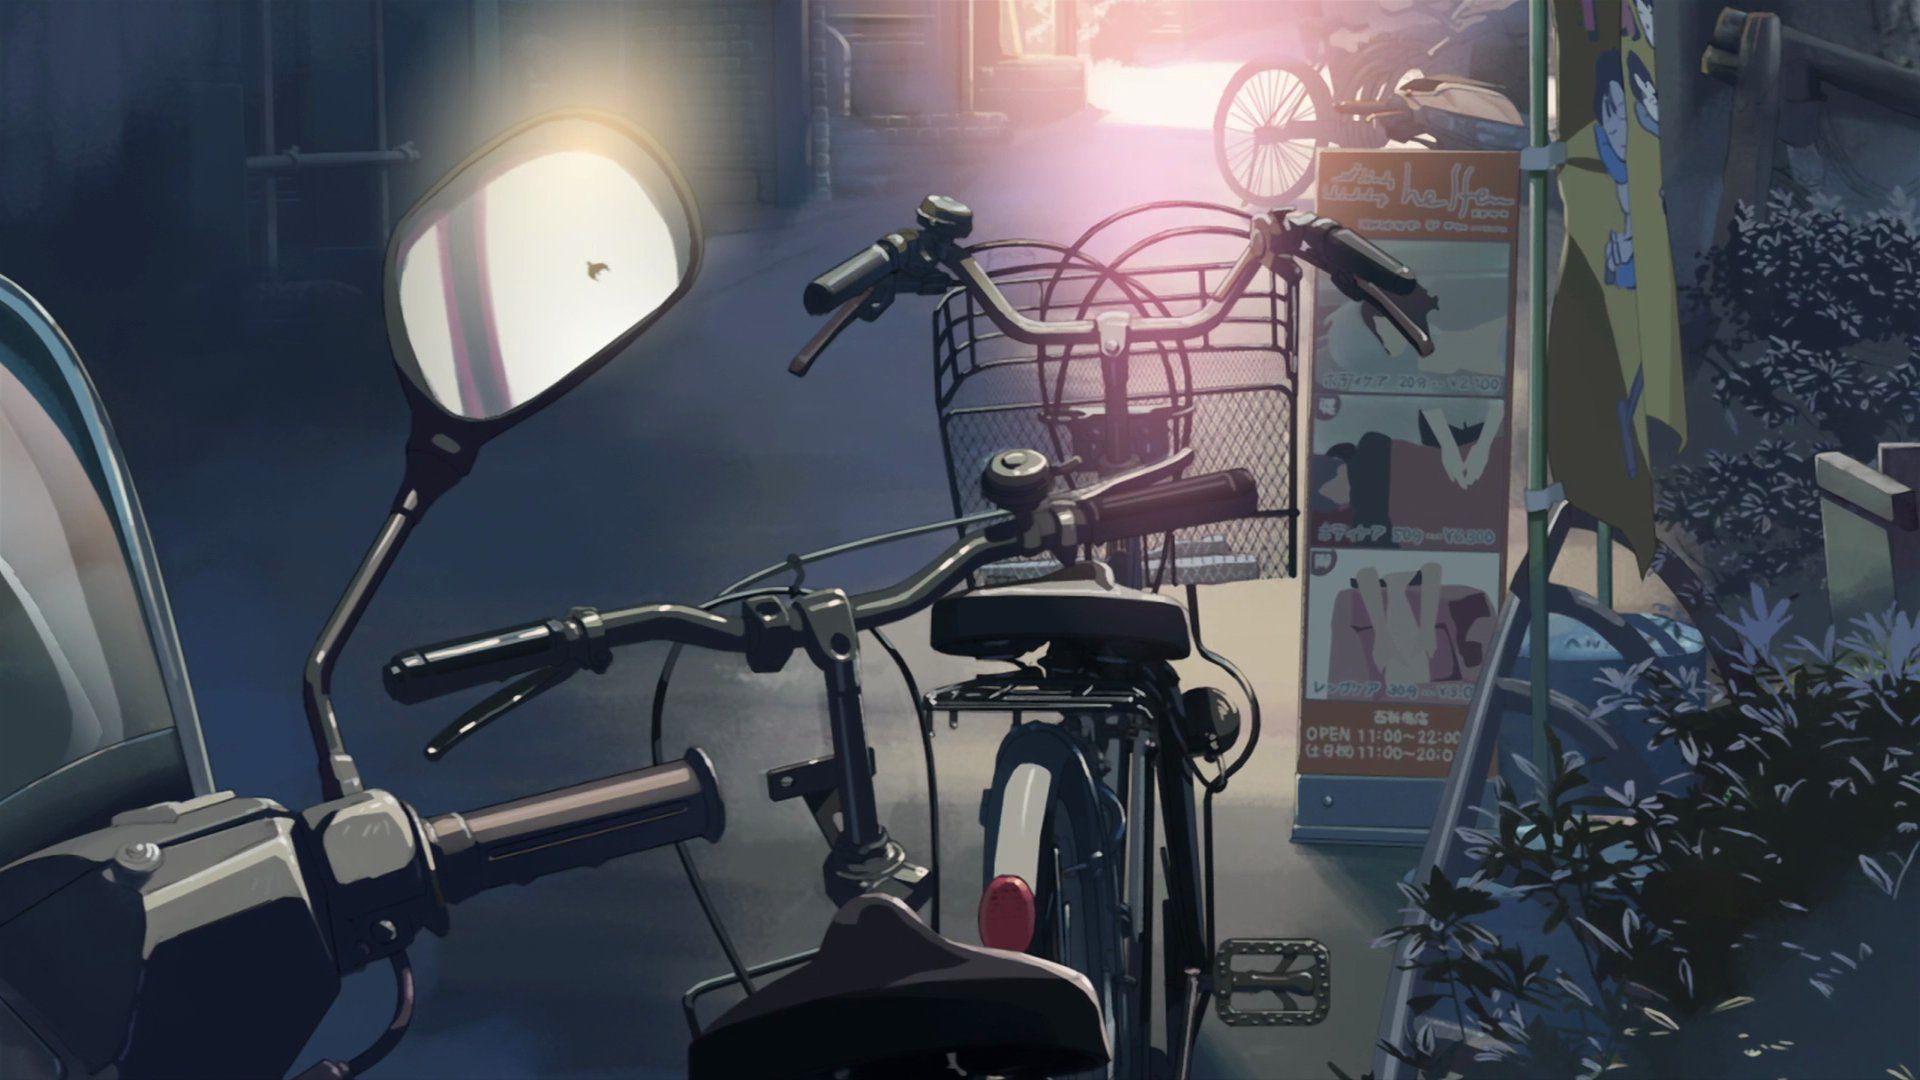 Ghim của Kai 's trên Background, phối cảnh nhà phố Anime